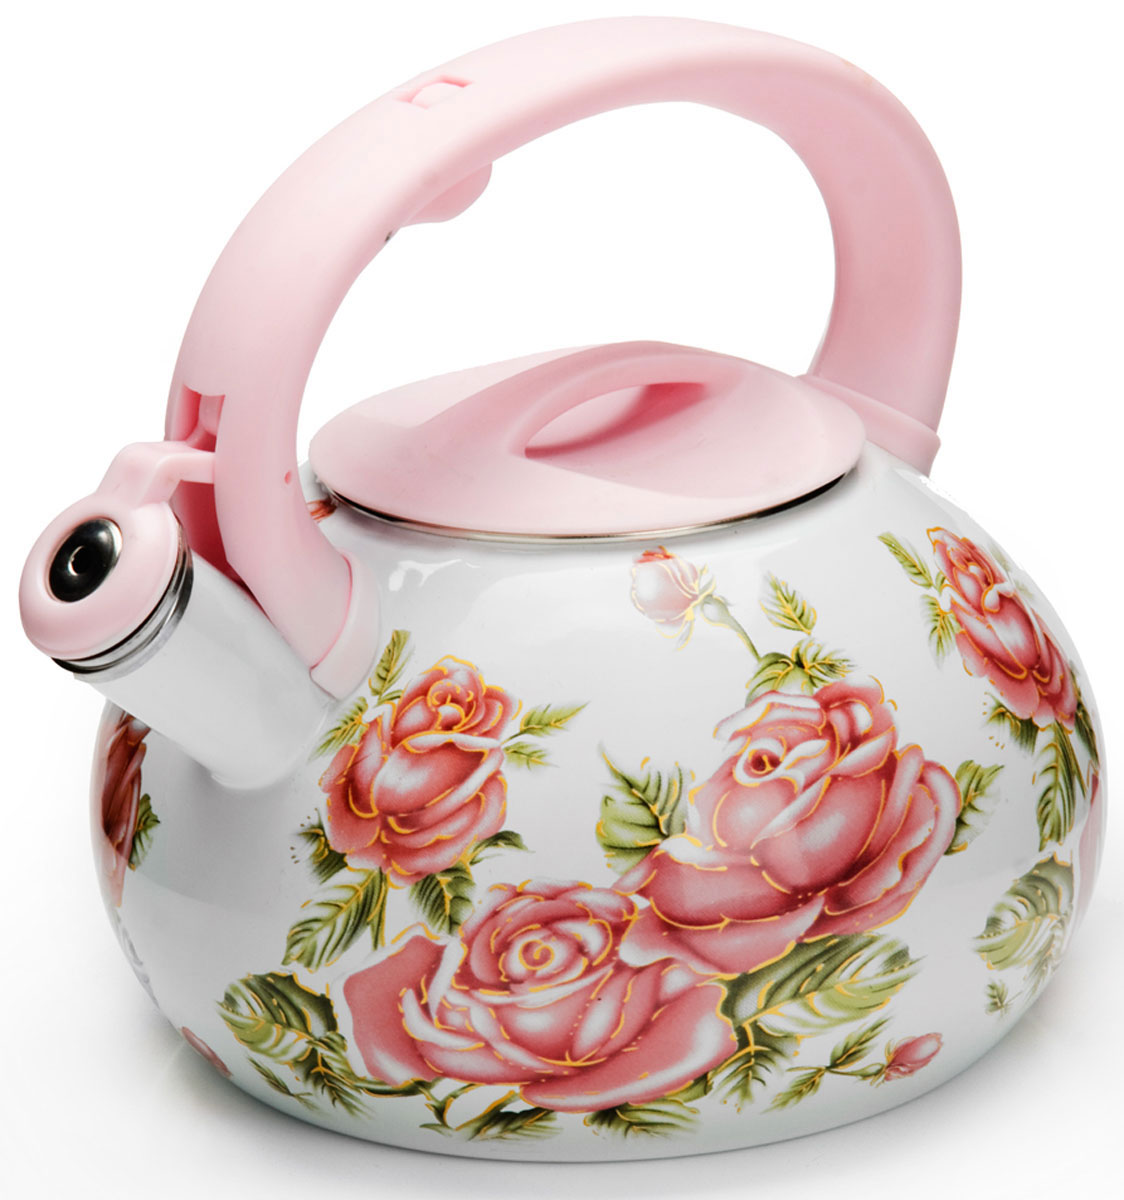 Чайник Mayer & Boch Цветы, со свистком, 3 л. 2648626486Чайник выполнен из высококачественной углеродистой стали. Углеродистая сталь устойчива к высоким температурам и не теряет своих свойств даже при очень сильном нагреве. Капсулированное дно с прослойкой из алюминия обеспечивает наилучшее распределение тепла. Внешняя и внутренняя поверхности чайника покрыты эмалью. Эргономичная ручка выполнена из бакелита. Носик чайника оснащен насадкой-свистком, который позволяет контролировать процесс кипячения или подогрева воды. Подходит для использования на всех типах плит, включая индукционные. Подходит для мытья в посудомоечной машине.Объем чайника: 3 л.